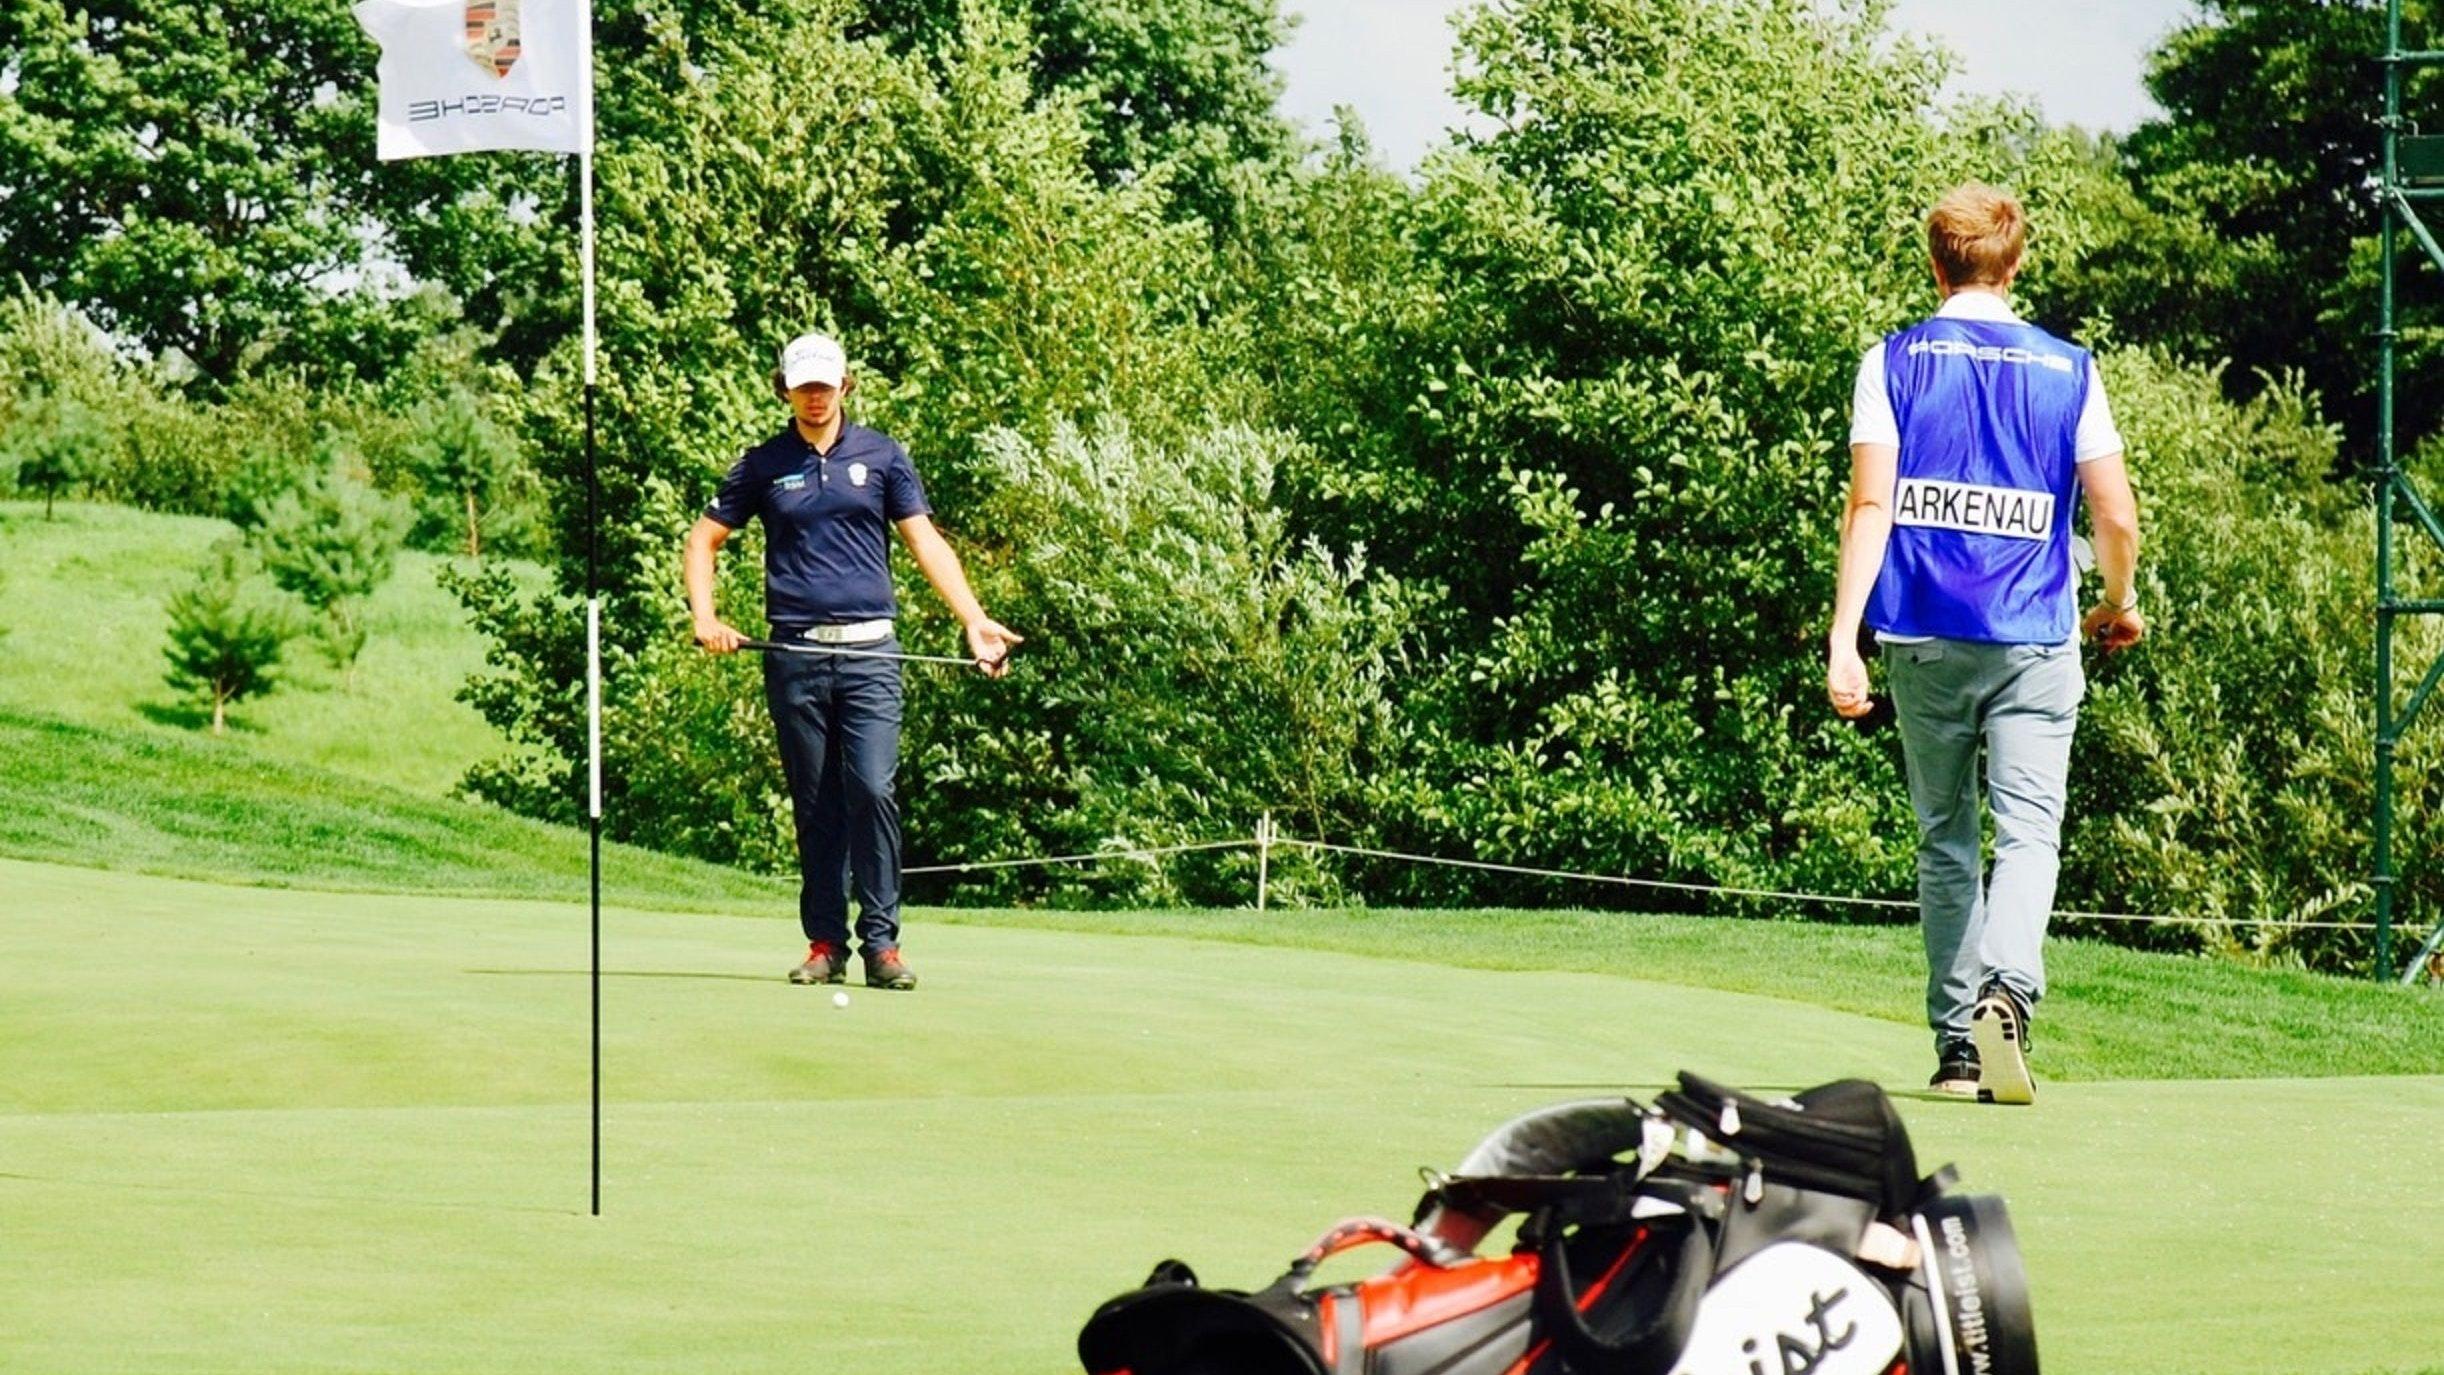 Das nächste Loch im Visier: Golfprofi Hinrich Arkenau (links). Foto: Club zur Vahr